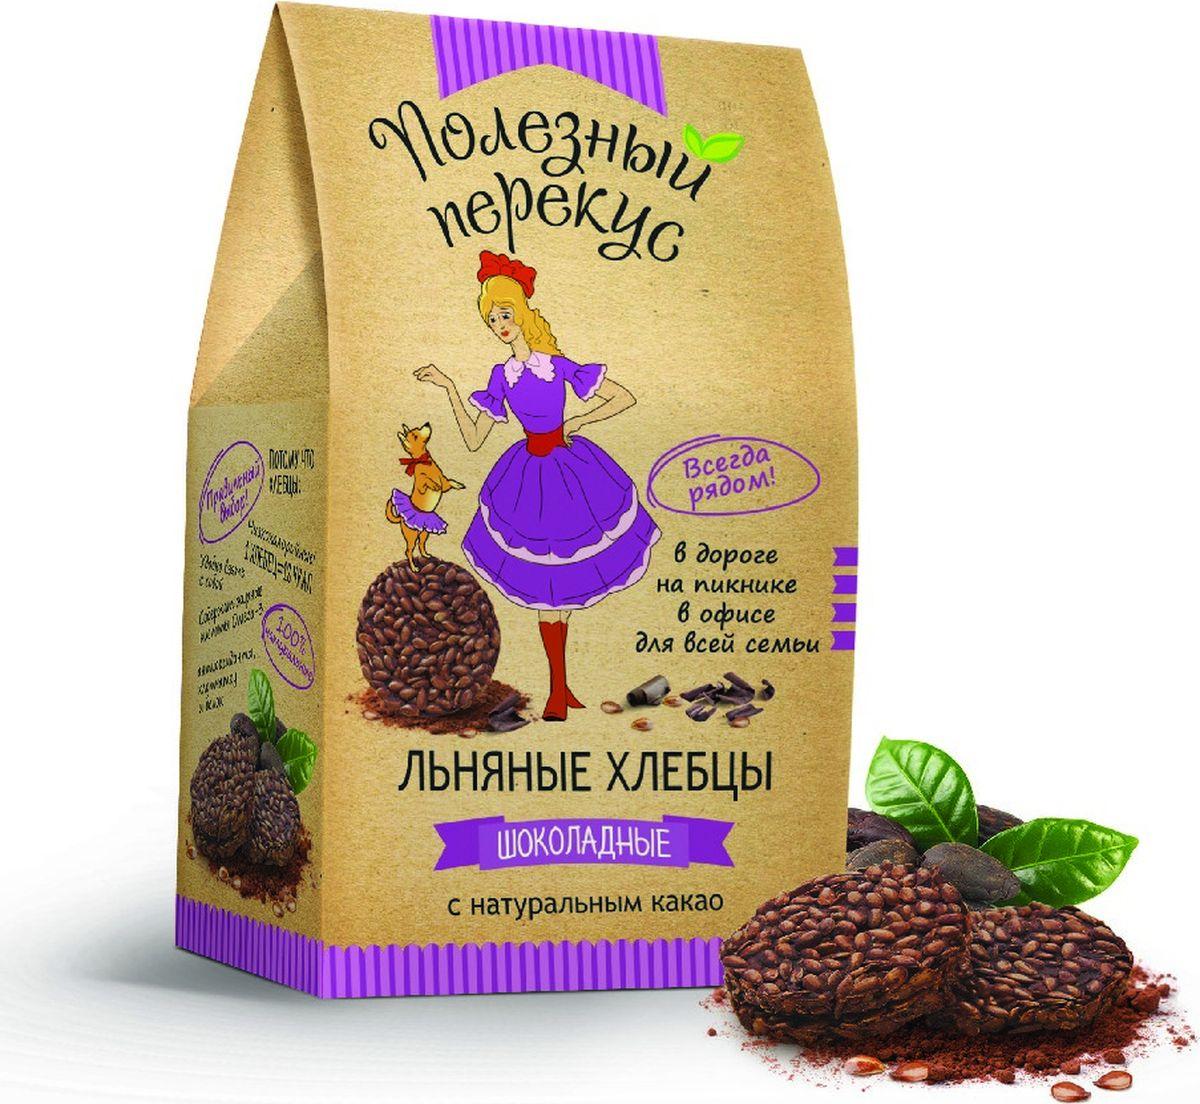 Полезный перекус хлебцы льняные шоколадные сладкие, 100 г бады улучшающие мозговое кровообращение